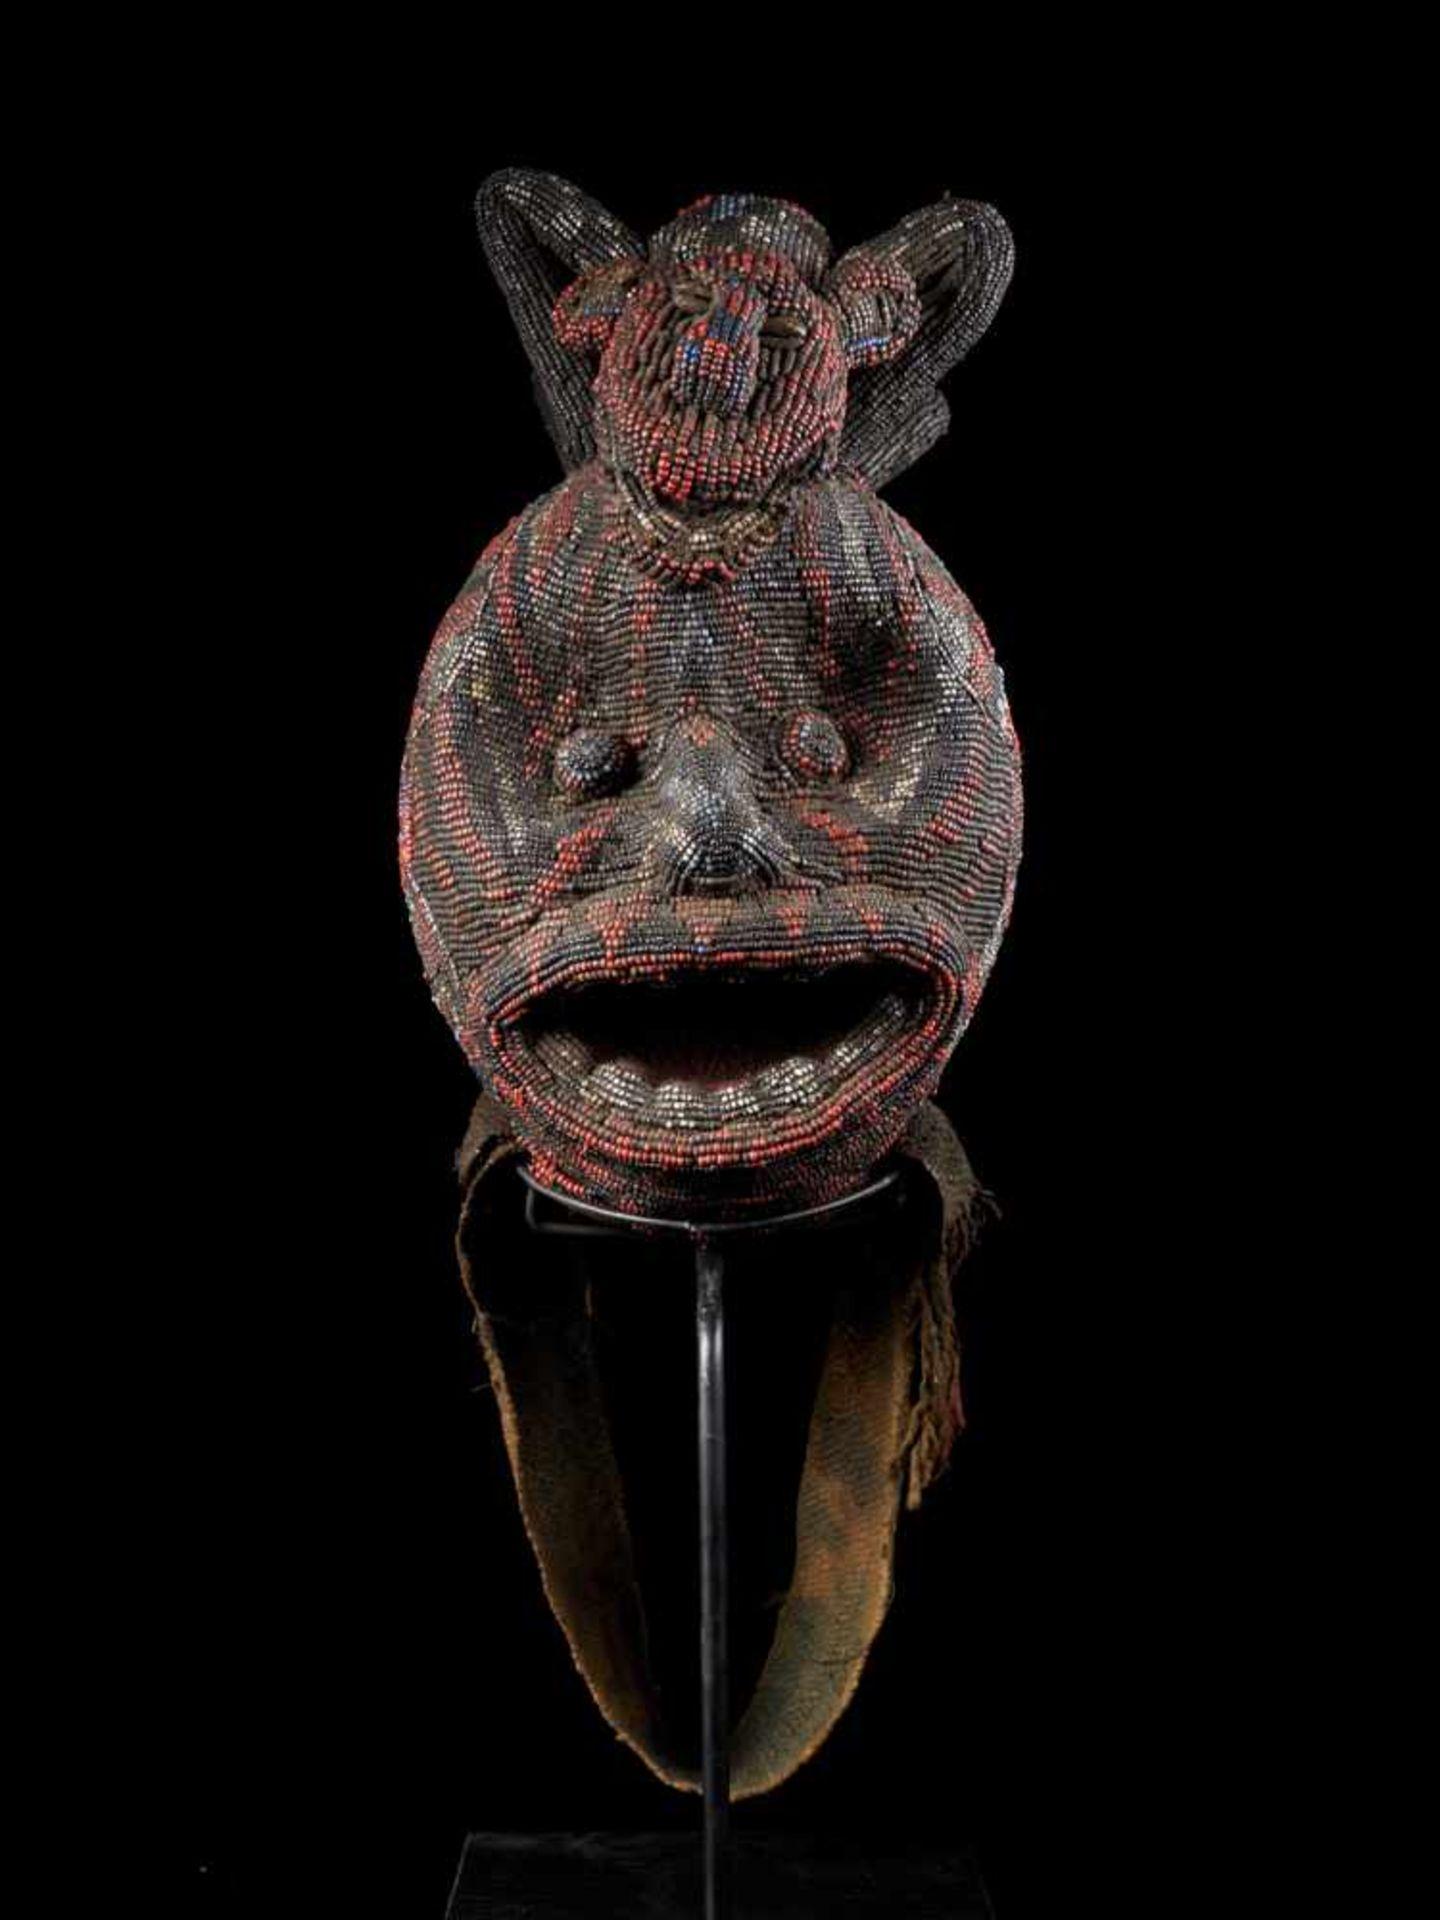 """Beaded Ceremonial Head """"Adwonzen"""" With Leopard Mount, Grassland People, Cameroon - Tribal - Bild 2 aus 5"""